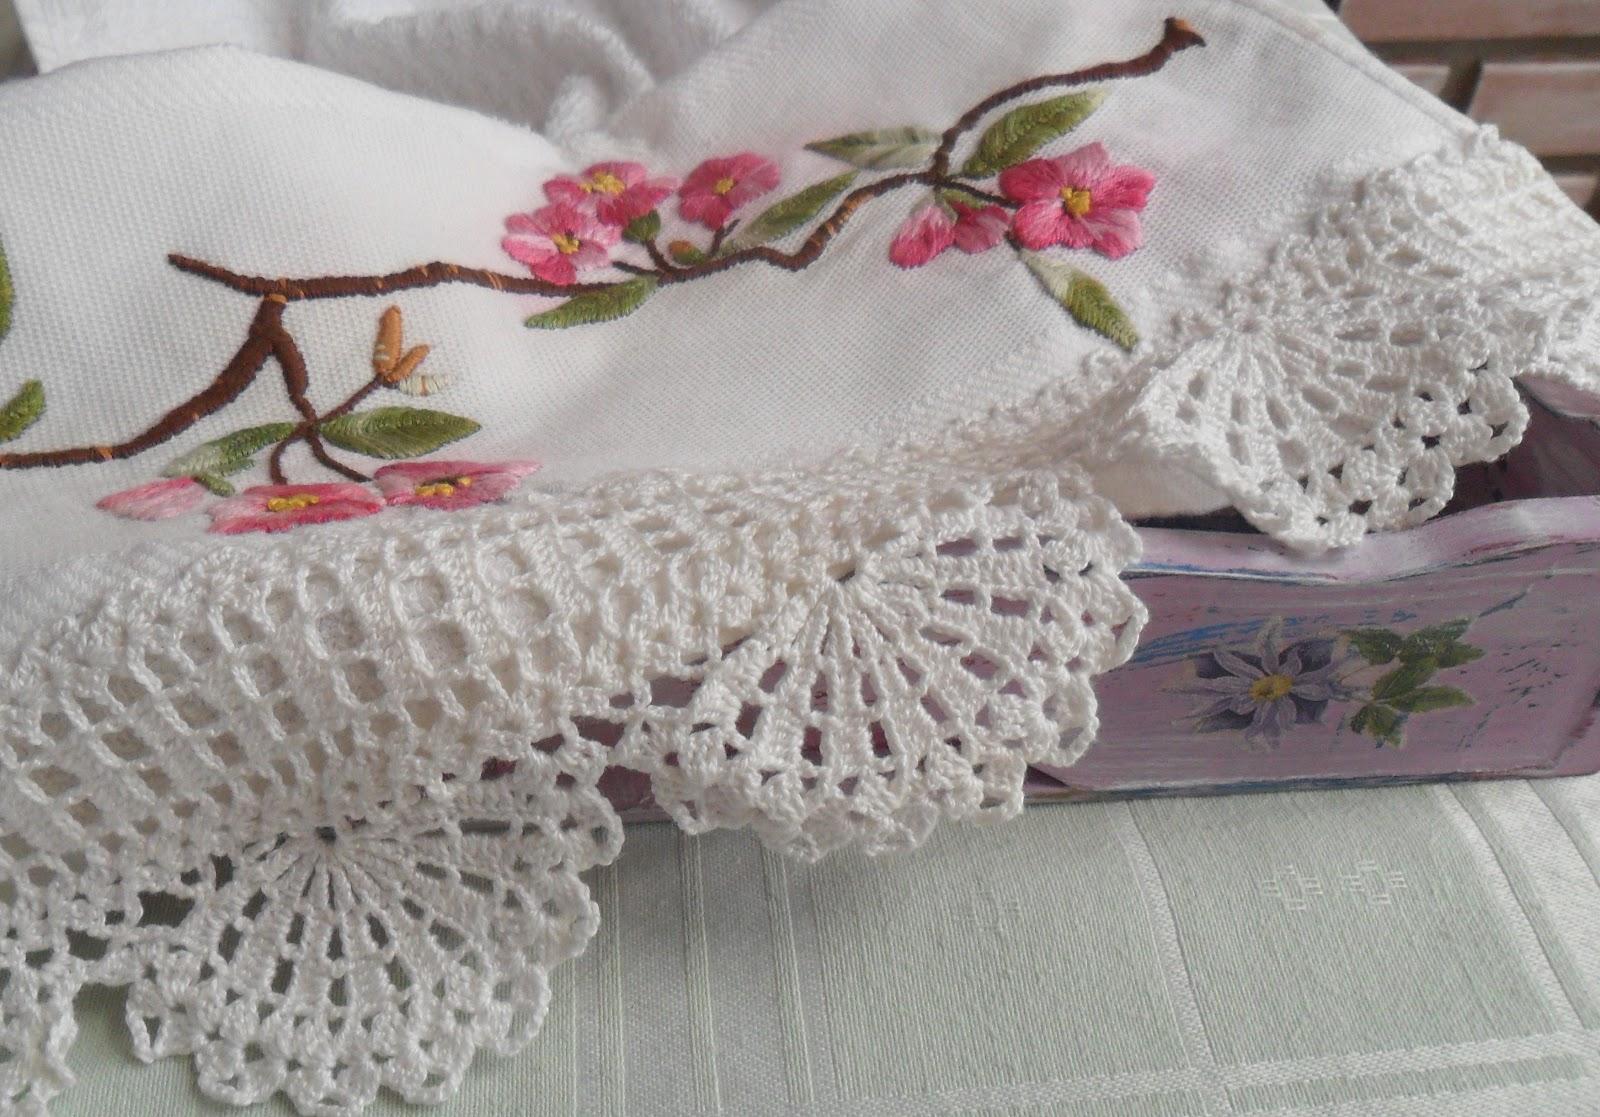 Artesanato: Pano de copa com ramos de flores - Bordado livre e croche ...